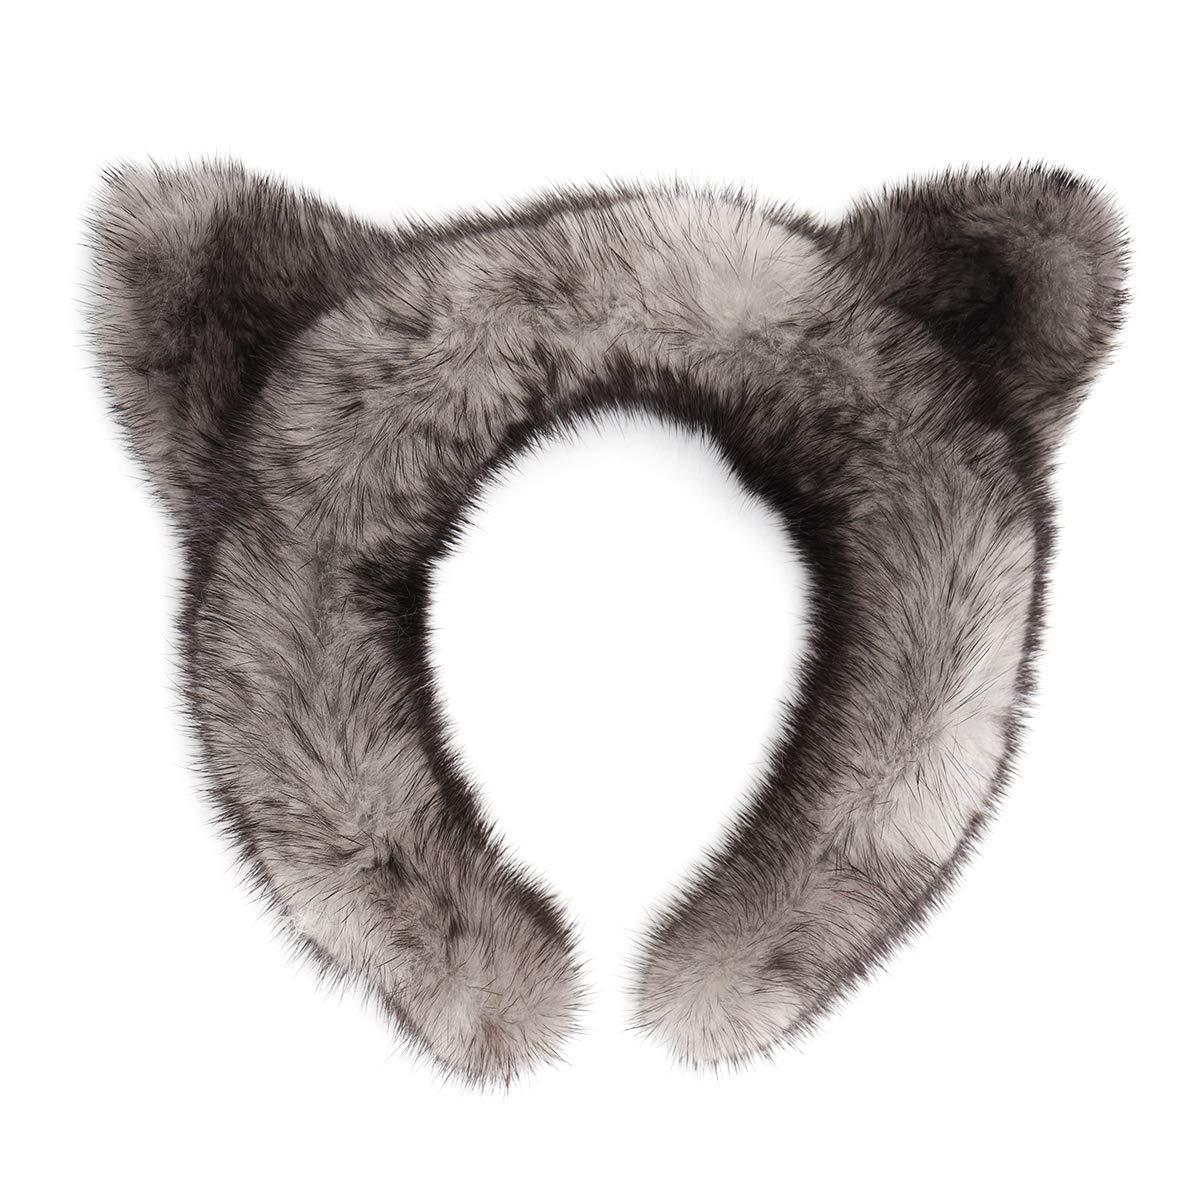 surell Genuine Mink Fur Cat Ear Headband - Winter Fashion Animal Hair Band Accessory - Luxury Headwear (Grey)